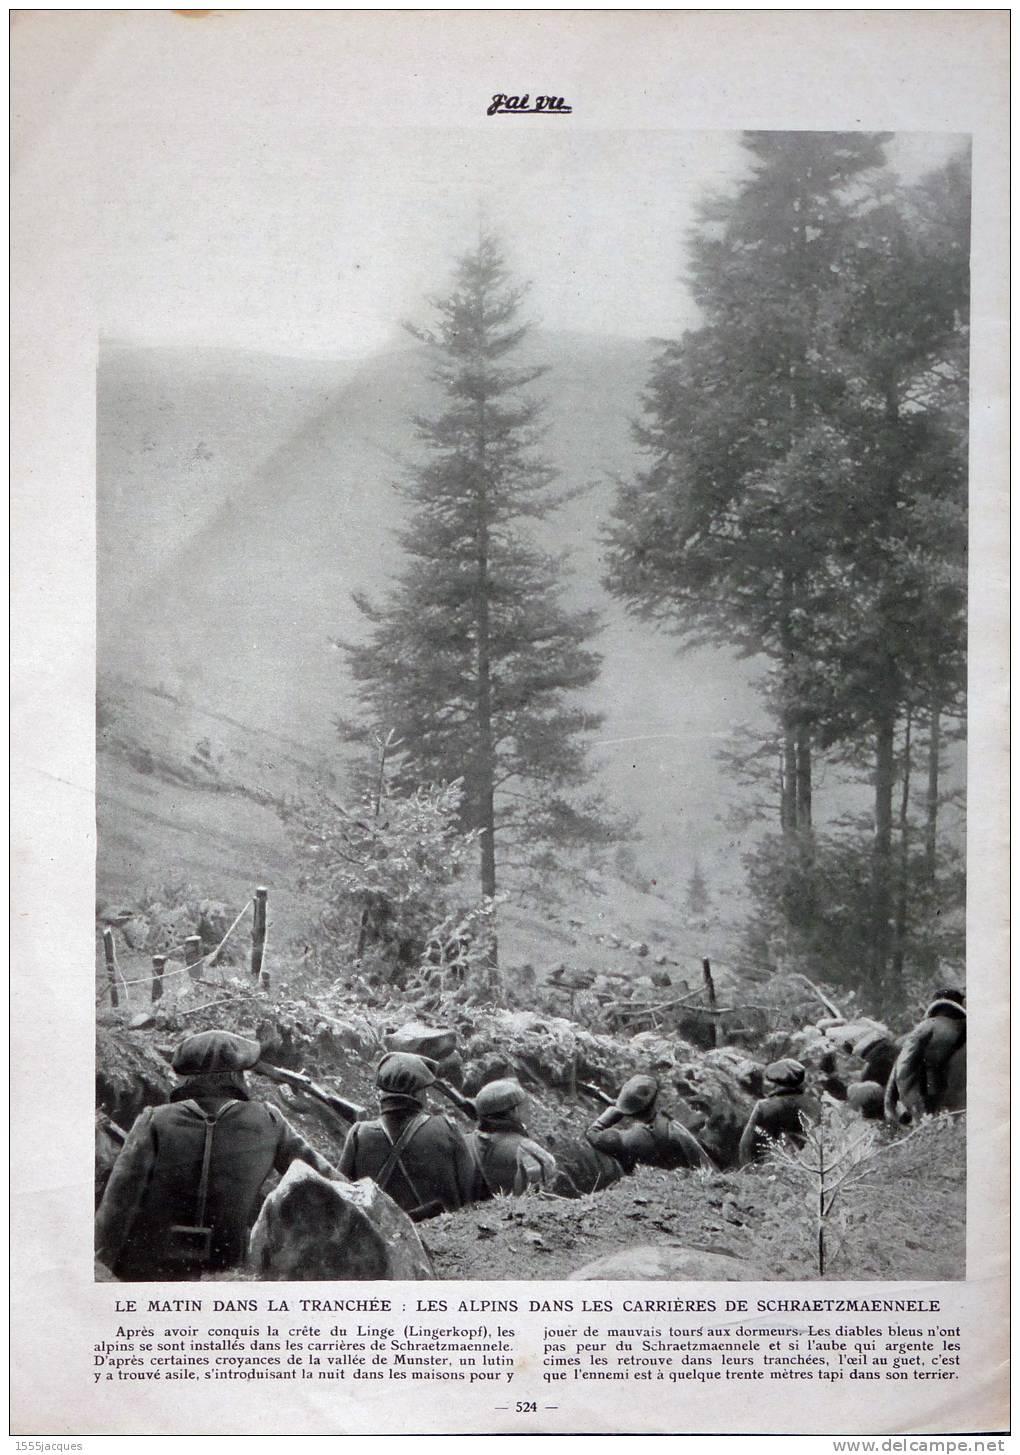 Le matin dans les tranchées : les Alpins dans les carrières de Schraetzmaennele (site images-01.delcampe-static.net)